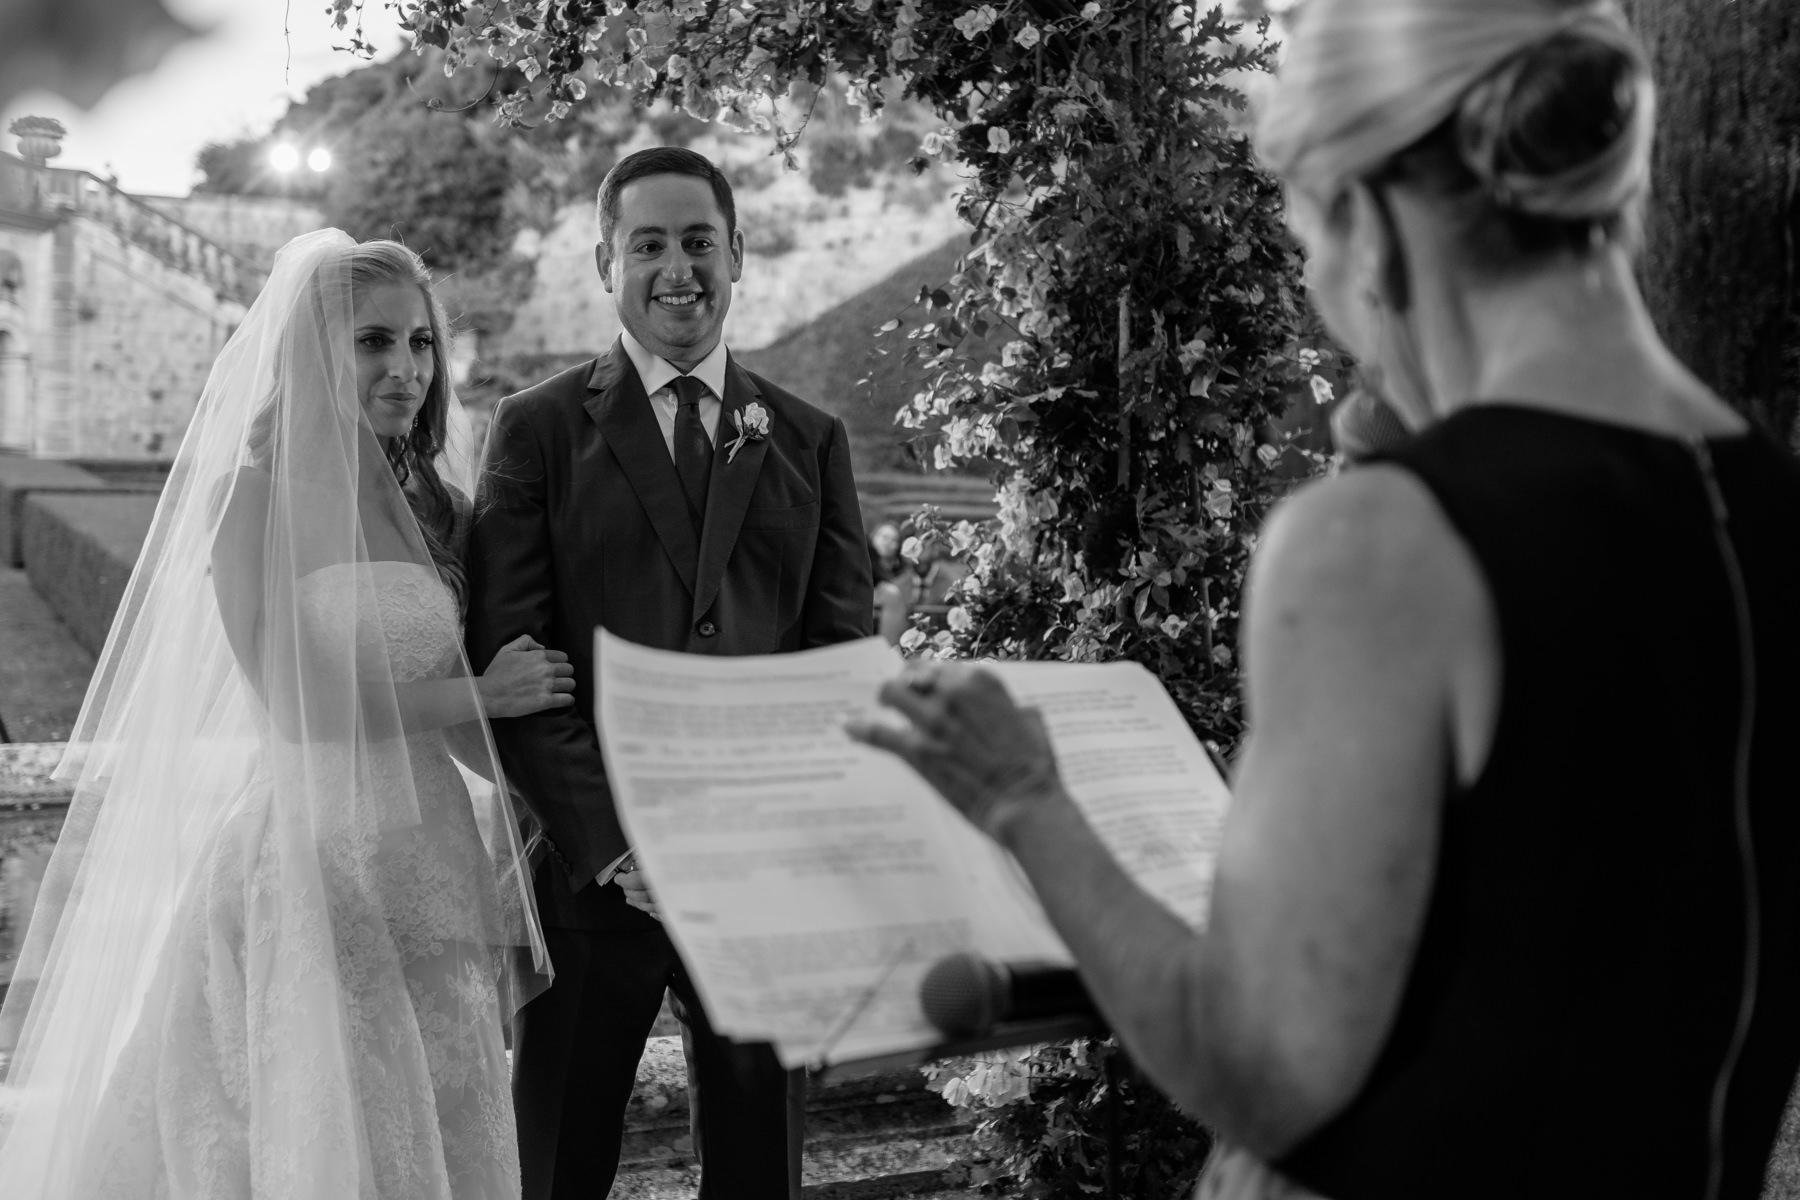 La Foce wedding in Tuscany Villa the ceremony